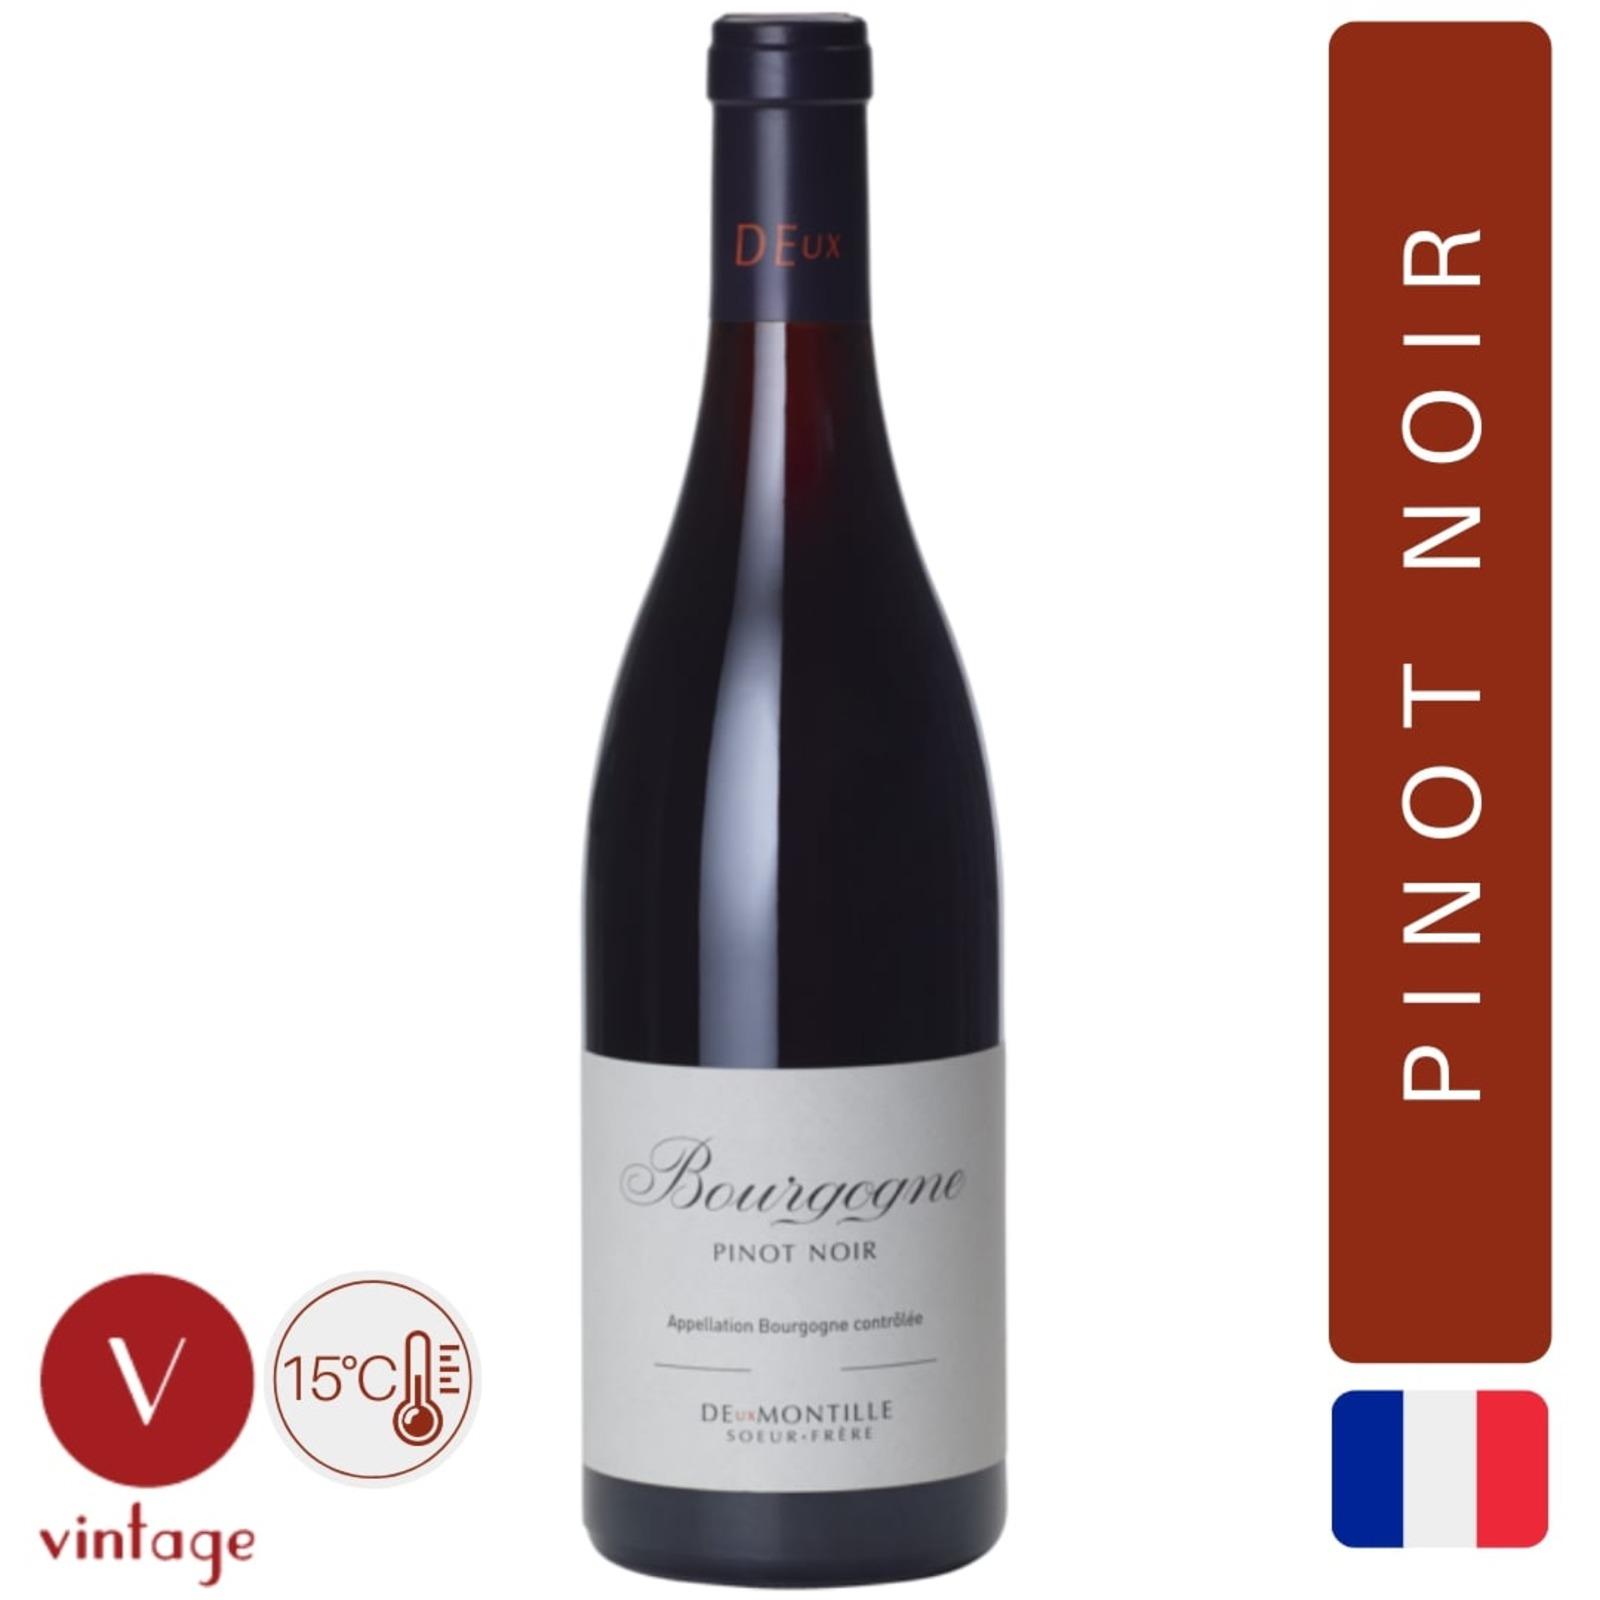 Domaine de Montille - Burgundy Pinot Noir